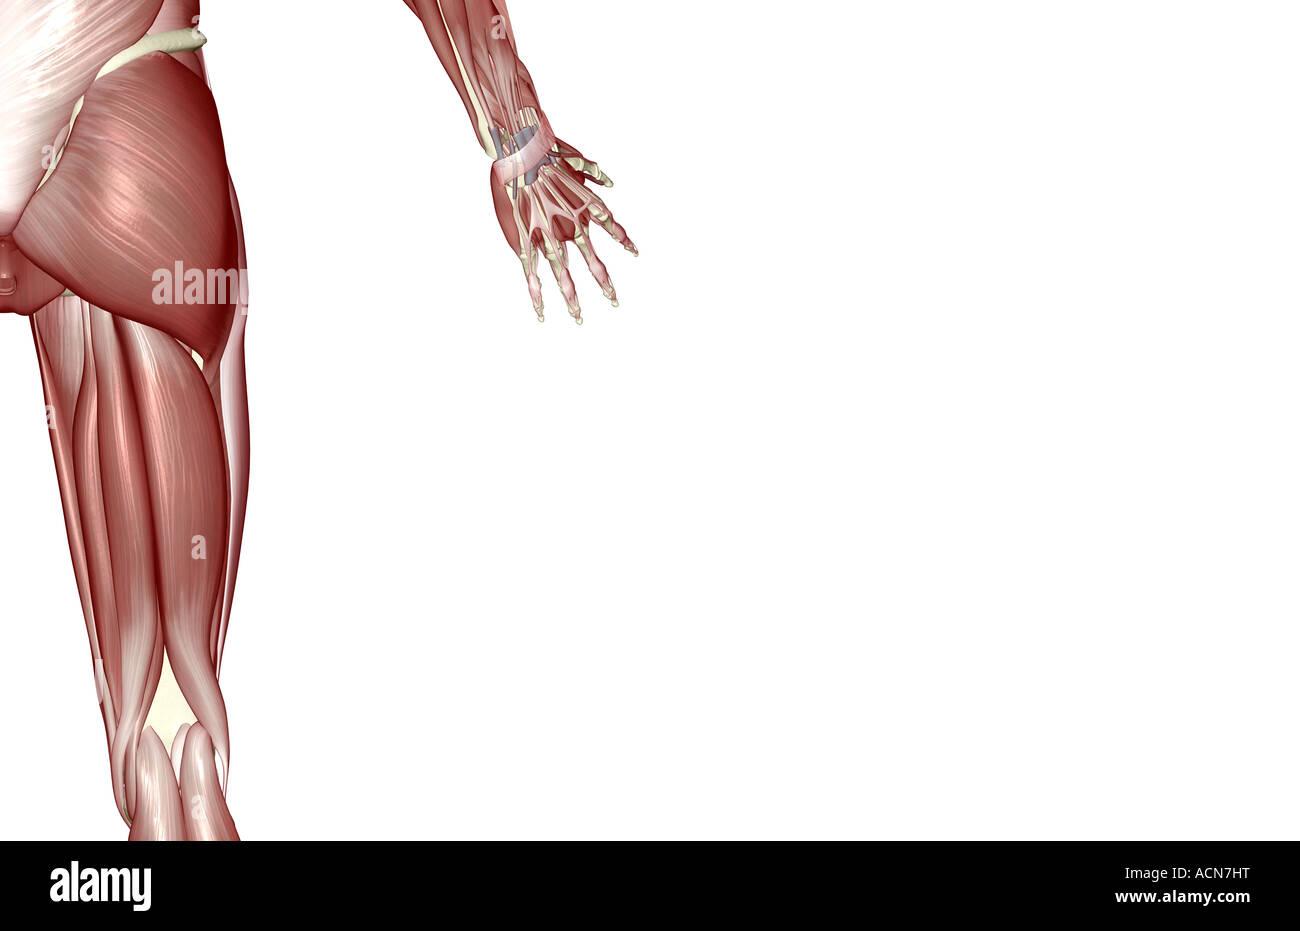 Groß Inneren Oberschenkel Muskelanatomie Ideen - Menschliche ...